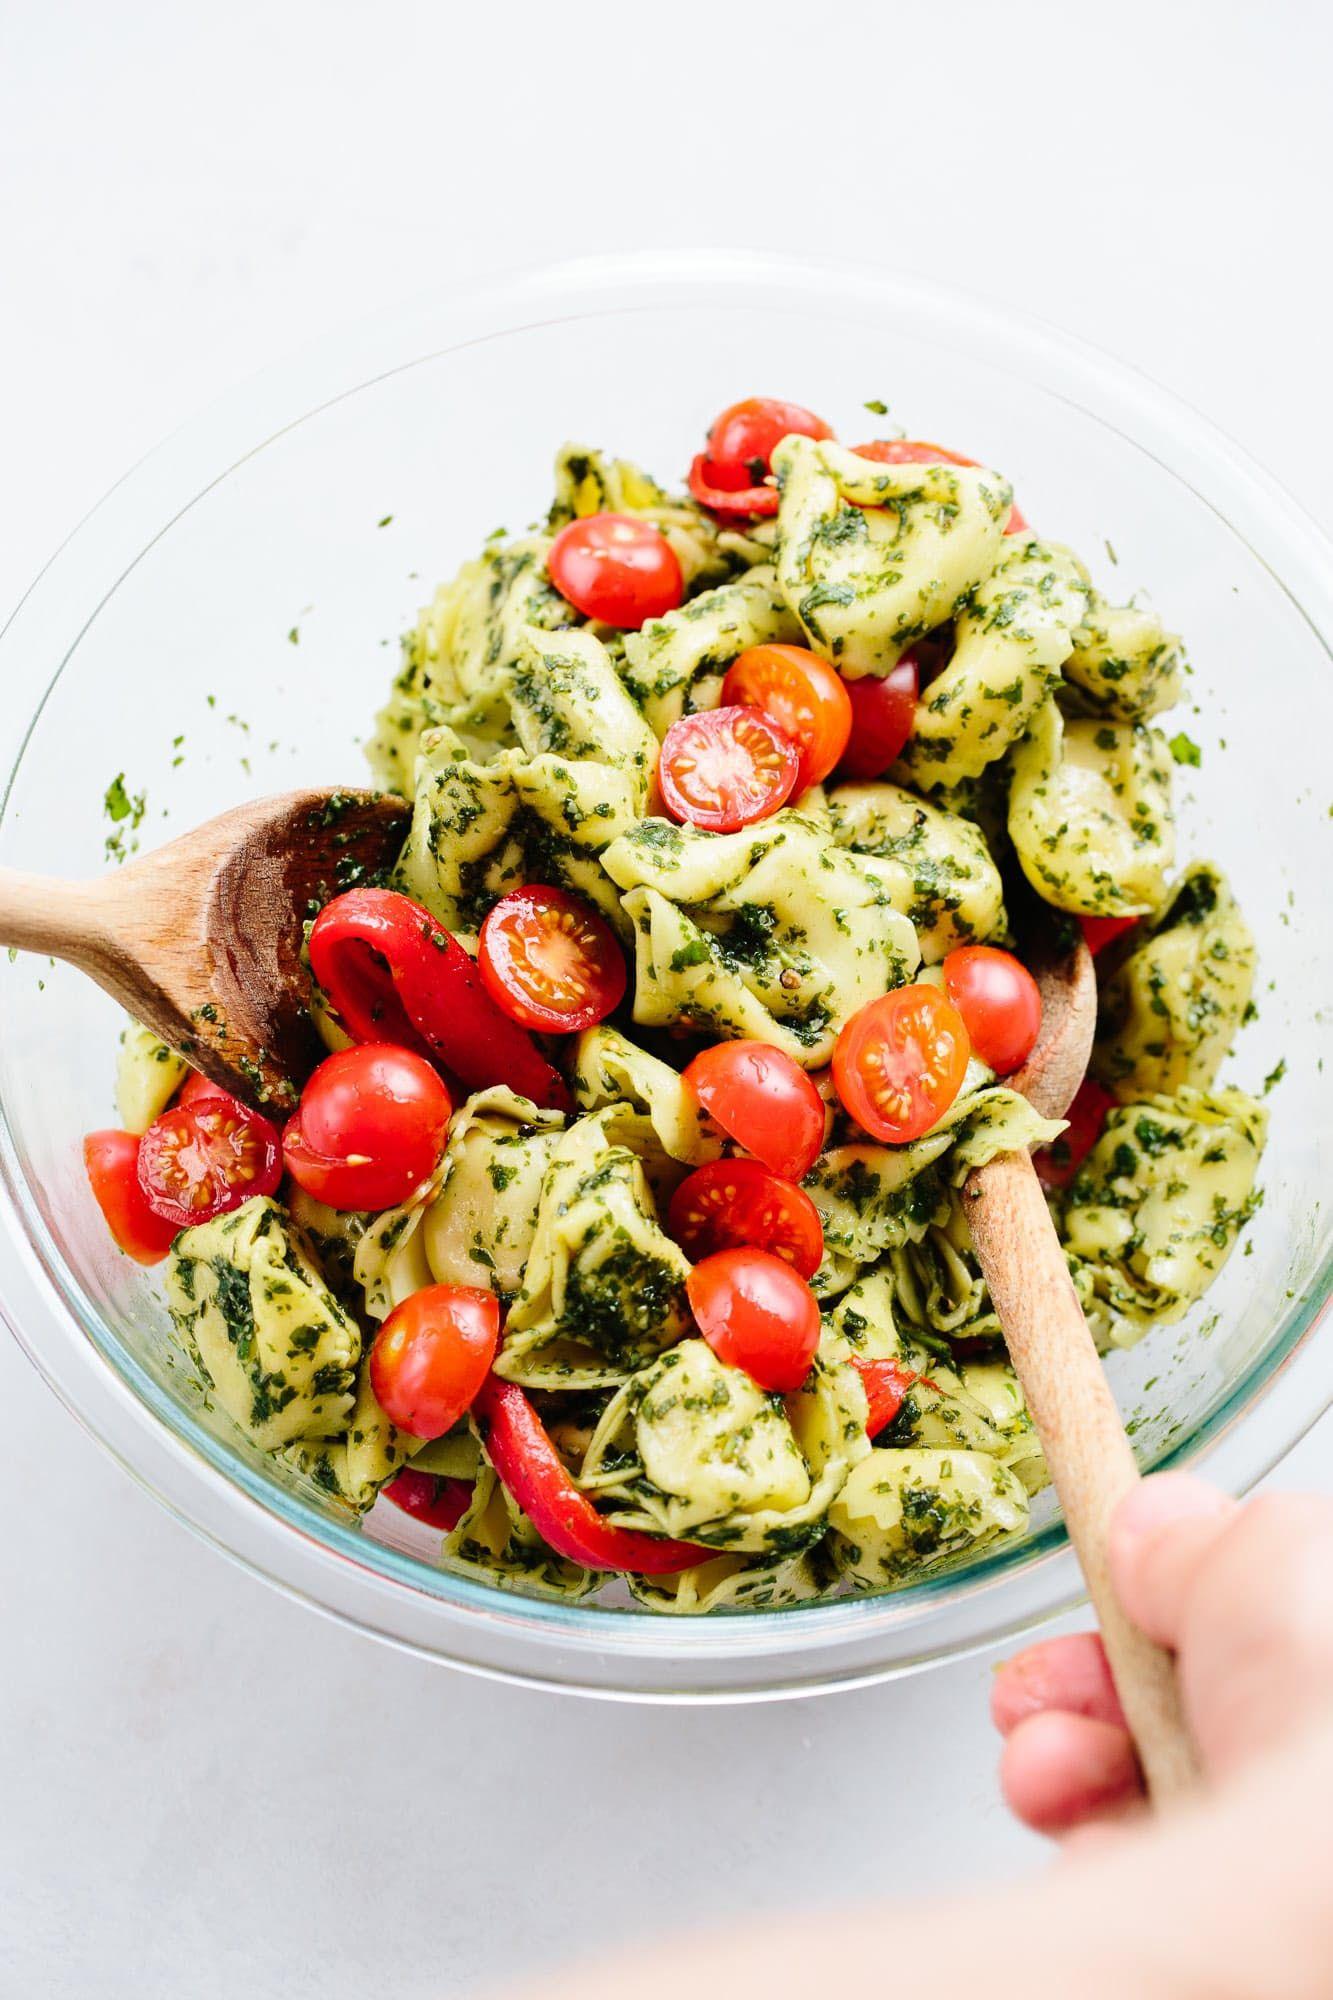 Pesto tortellini pasta salad recipe pasta salad with